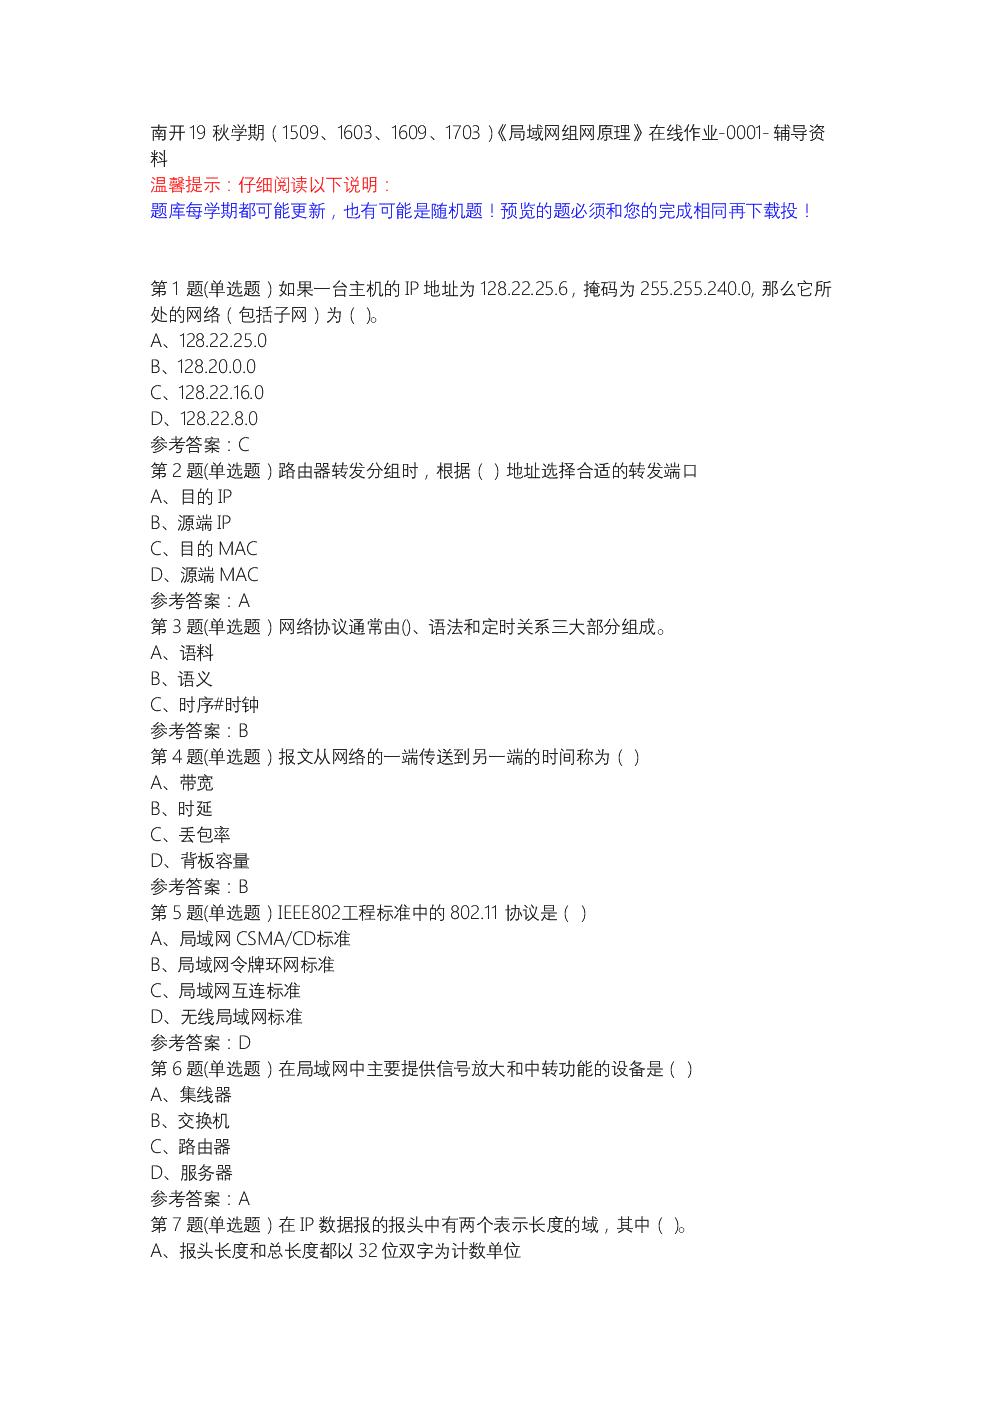 南开19秋学期(1509、1603、1609、1703)《局域网组网原理》在线作业-0001-辅导资料.docx